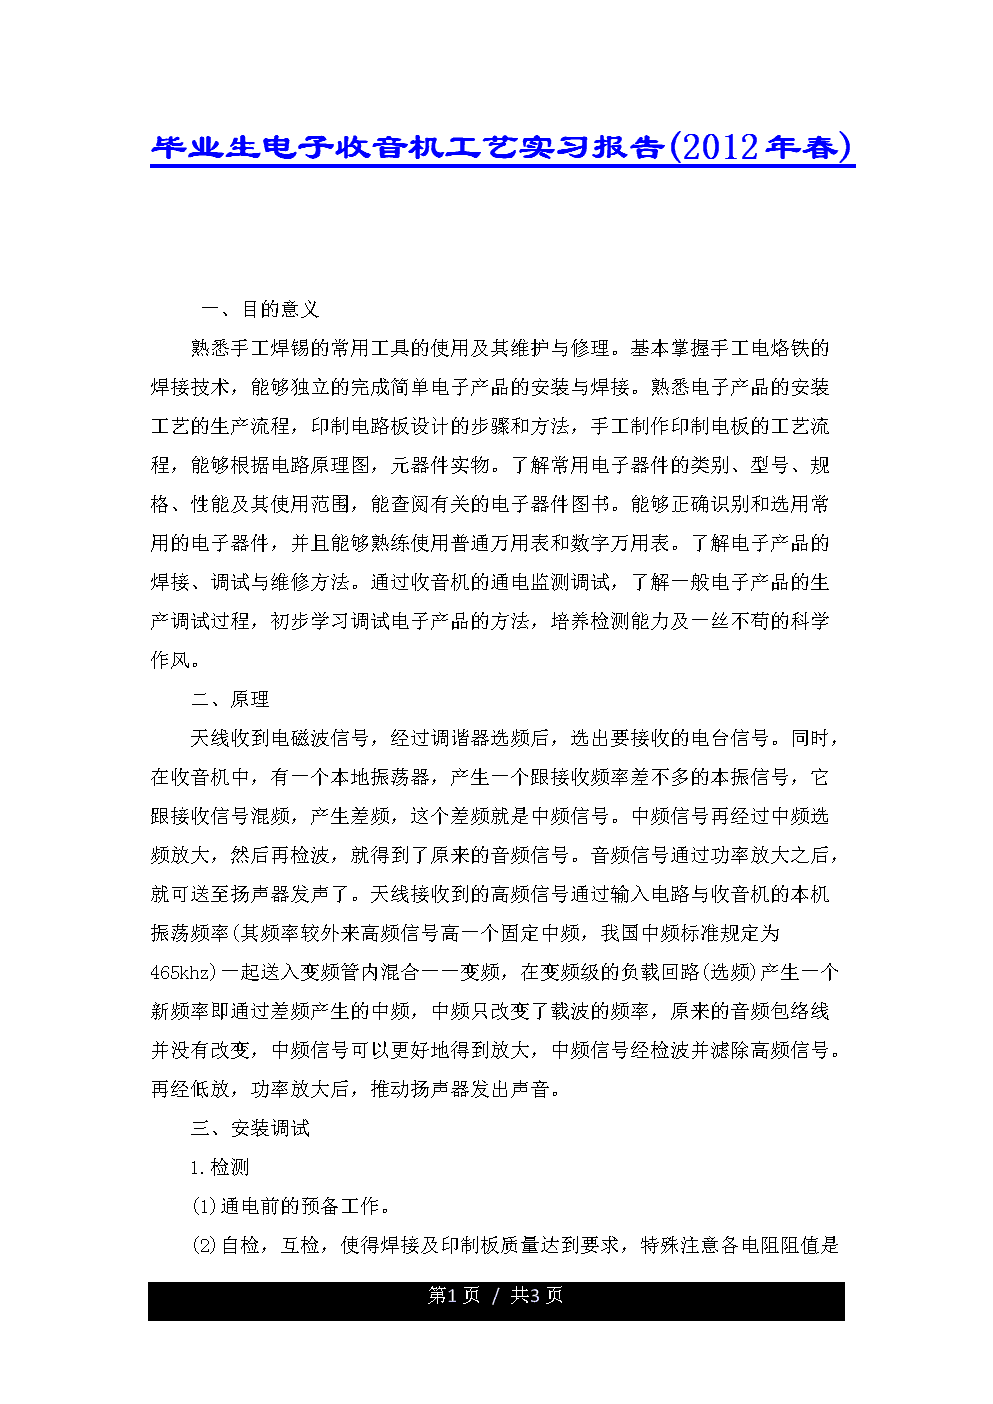 毕业生电子收音机工艺实习报告(2012年春).docx